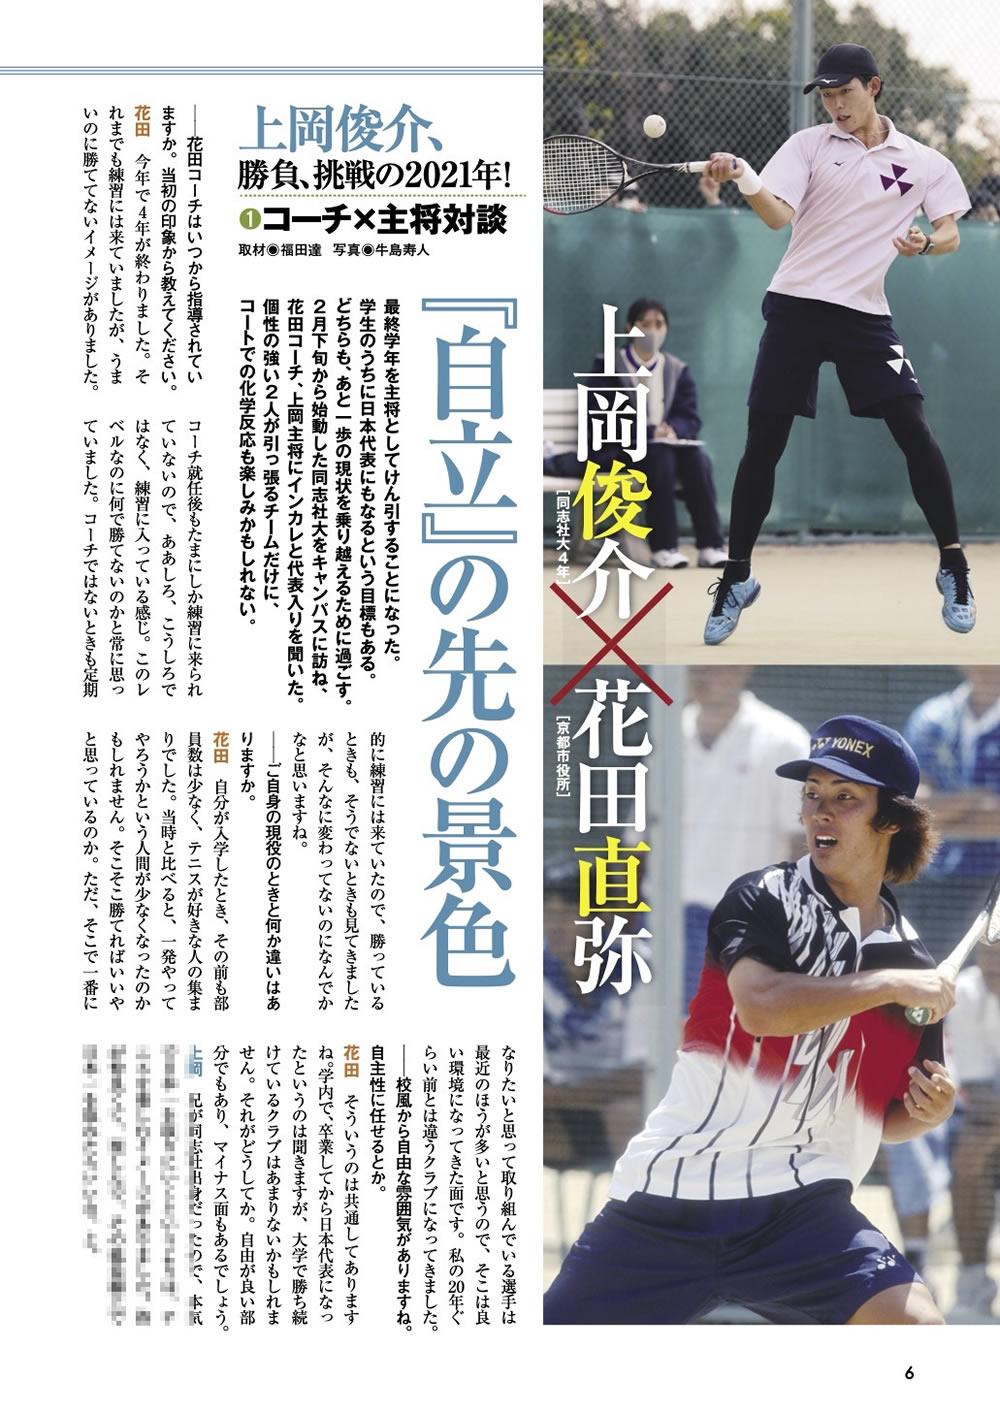 ソフトテニスマガジン2021年4月号